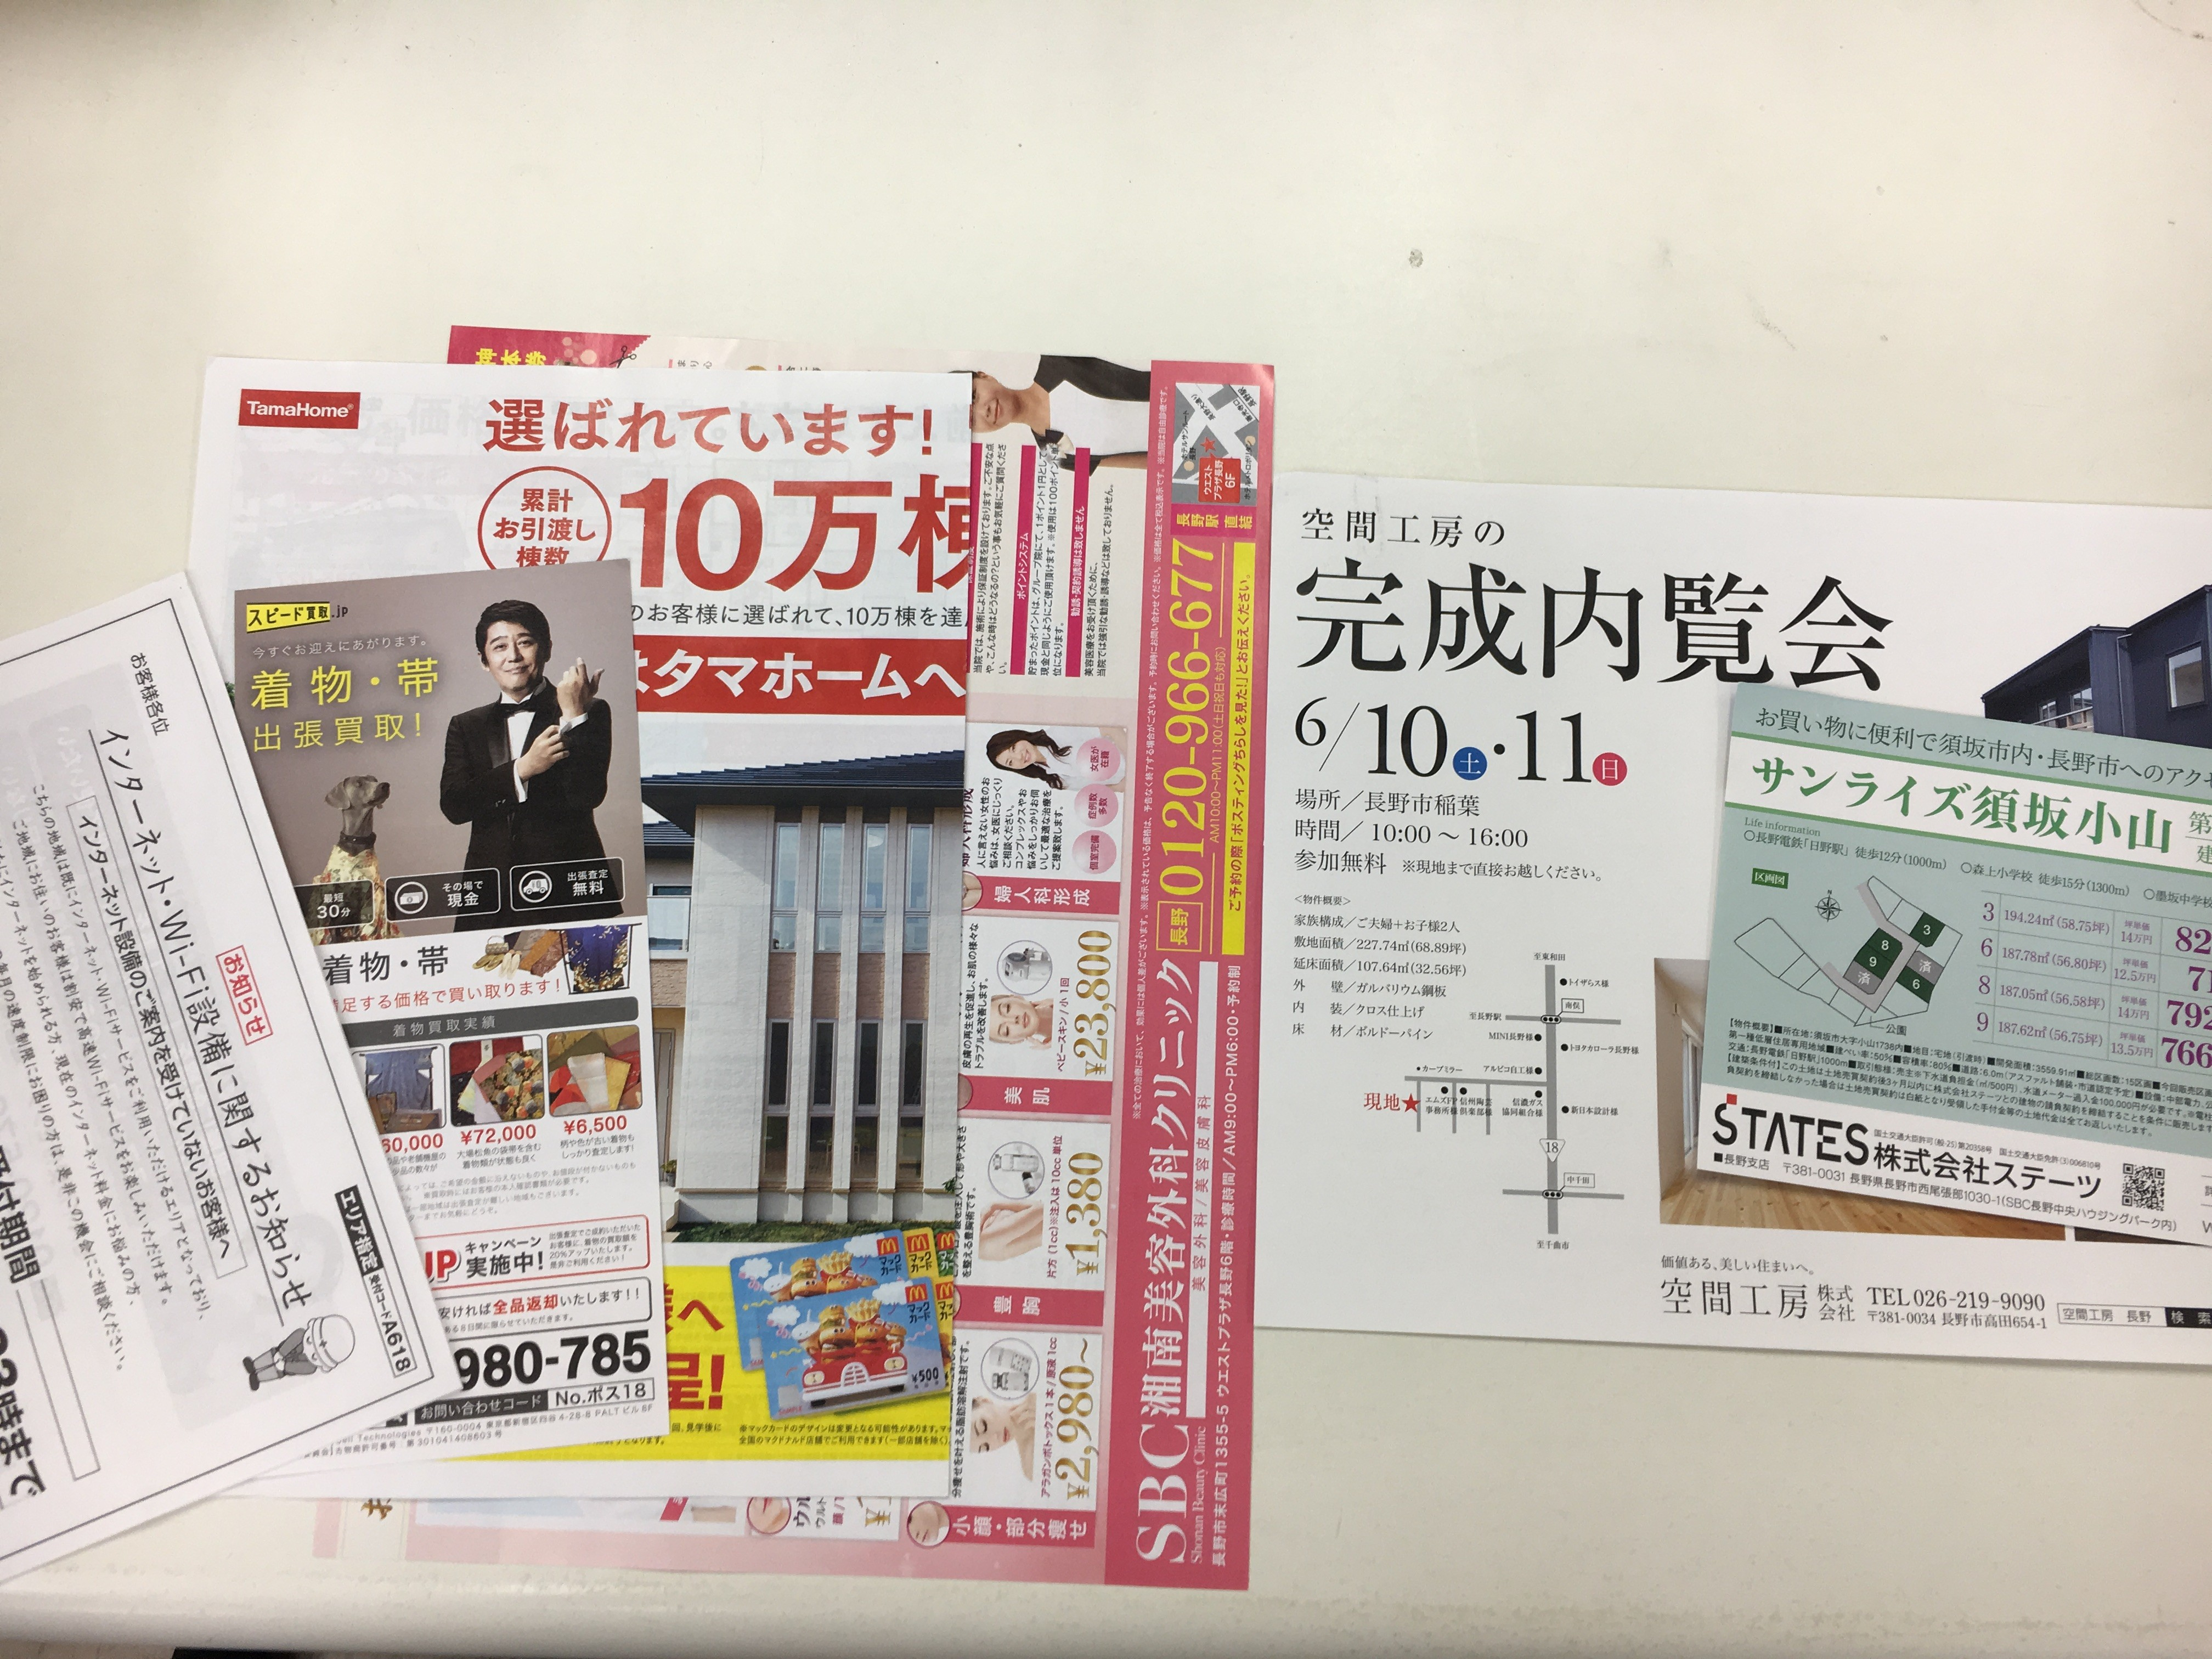 下駒沢周辺へ配布確認へ行ってきました!